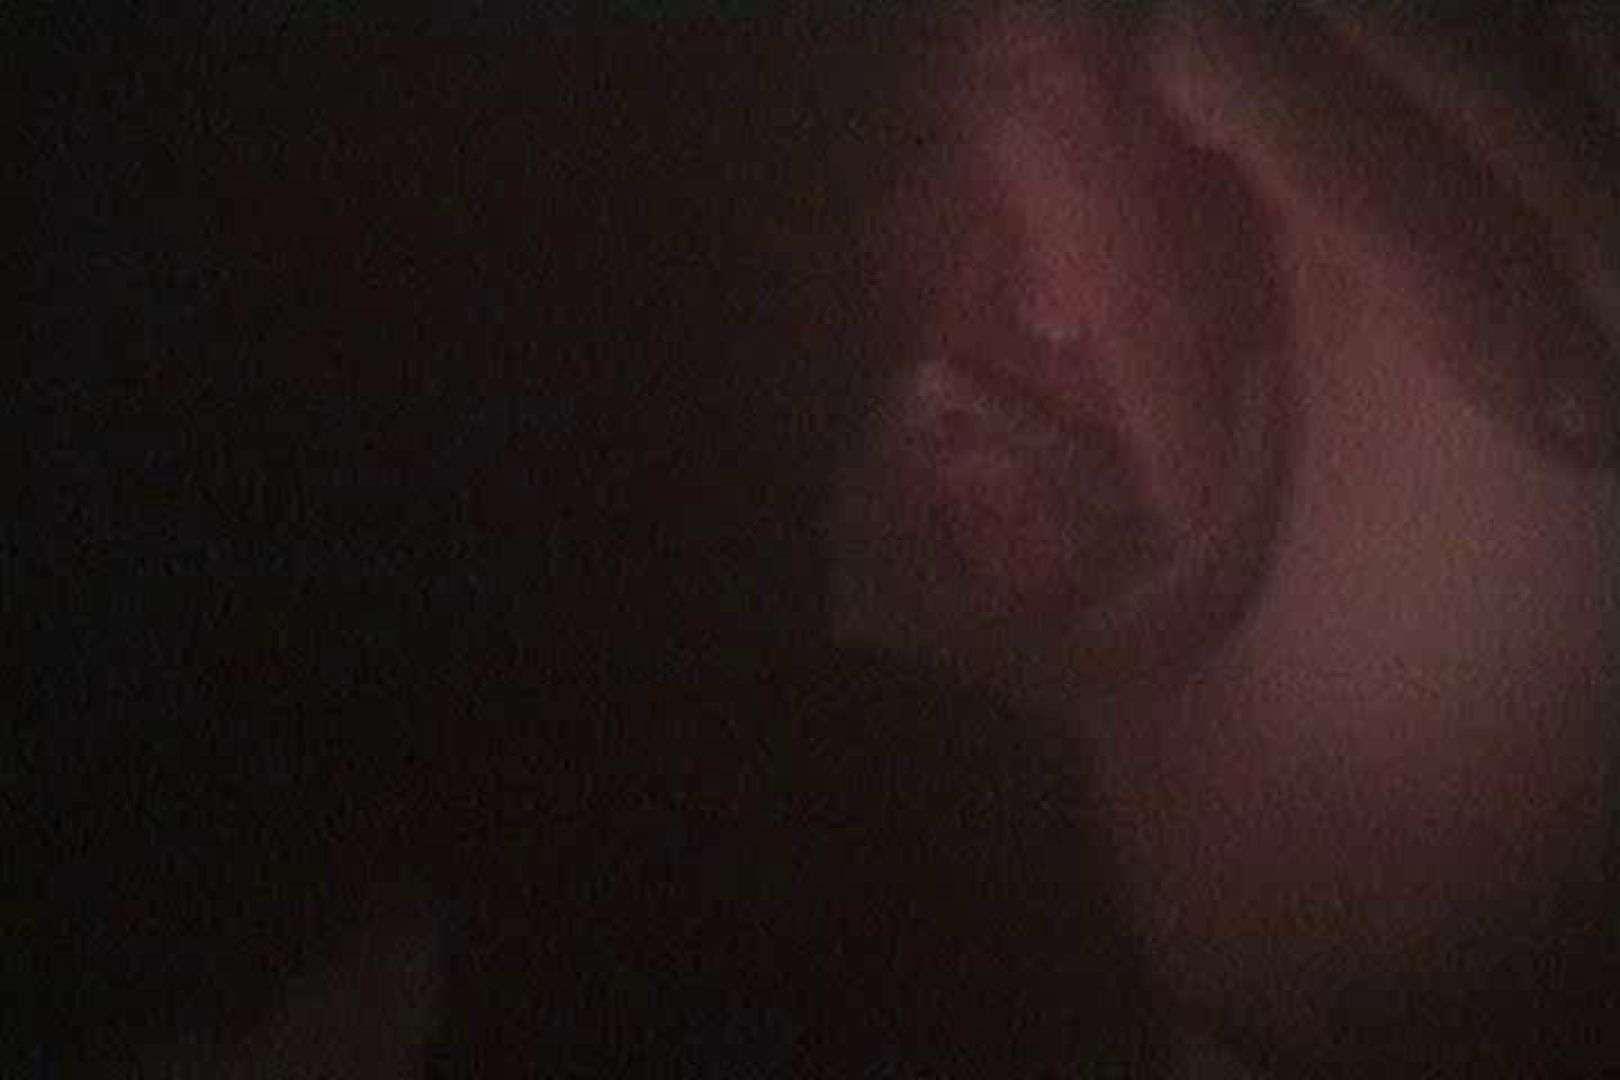 充血監督の深夜の運動会Vol.103 ぽっちゃり ワレメ無修正動画無料 99PIX 23